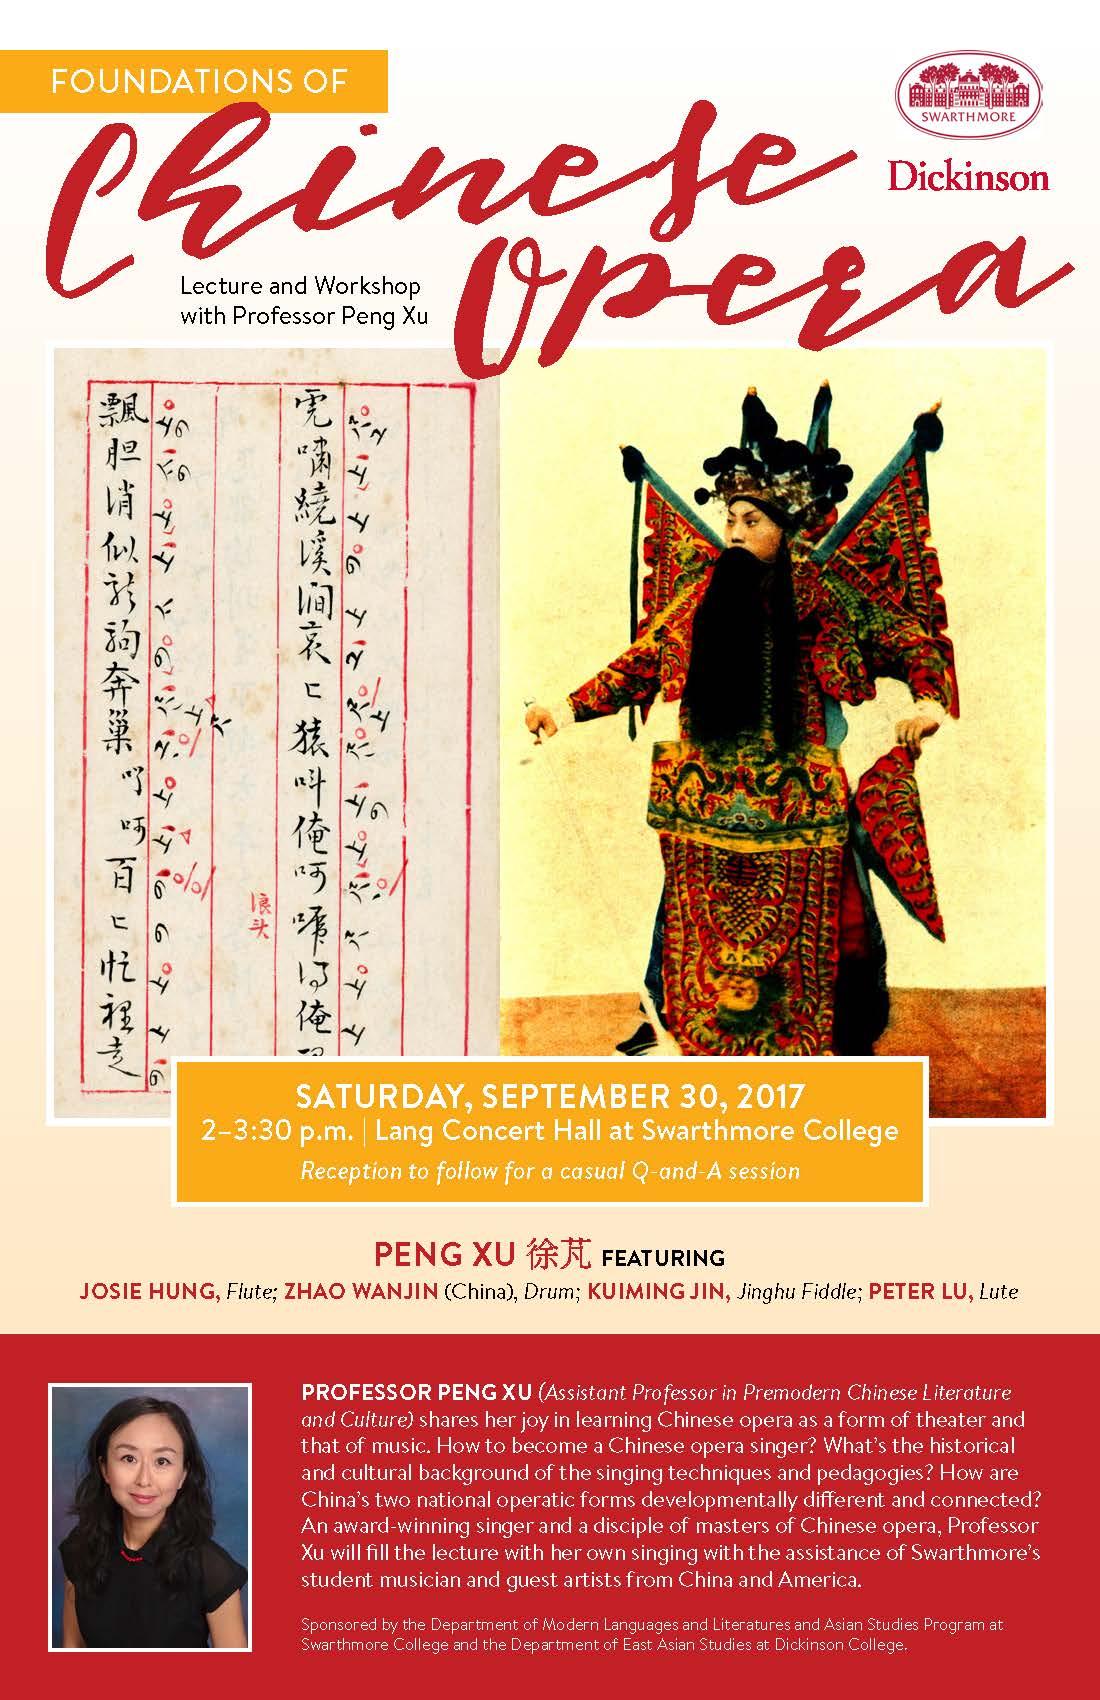 Poster for Peng xu